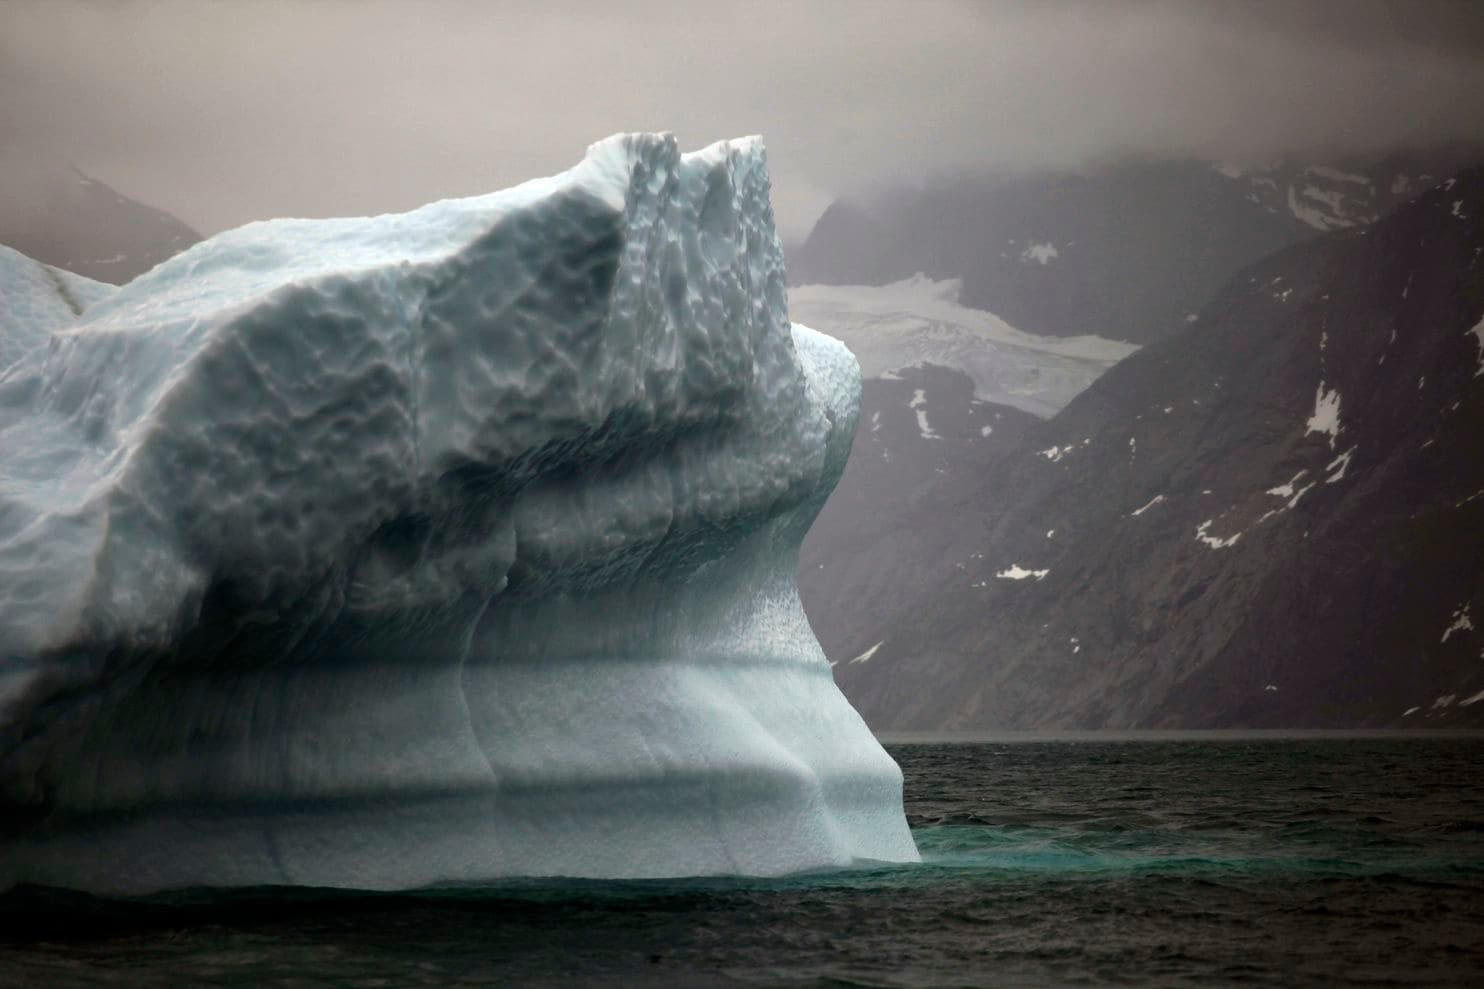 Cảnh báo hiện tượng băng tan ở Bắc Cực